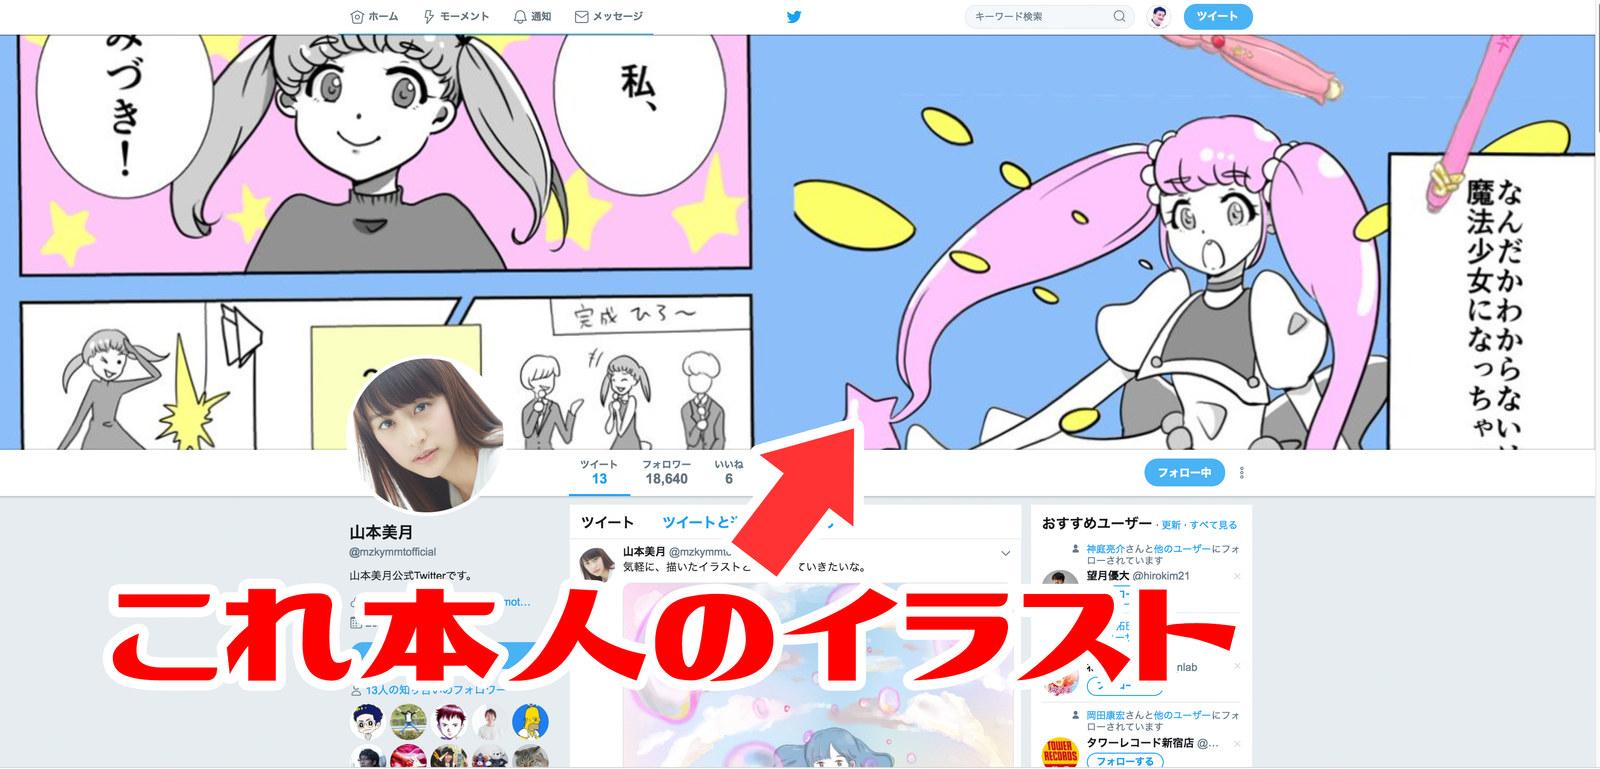 あっ、山本美月さんのTwitterアカウントはホンモノです